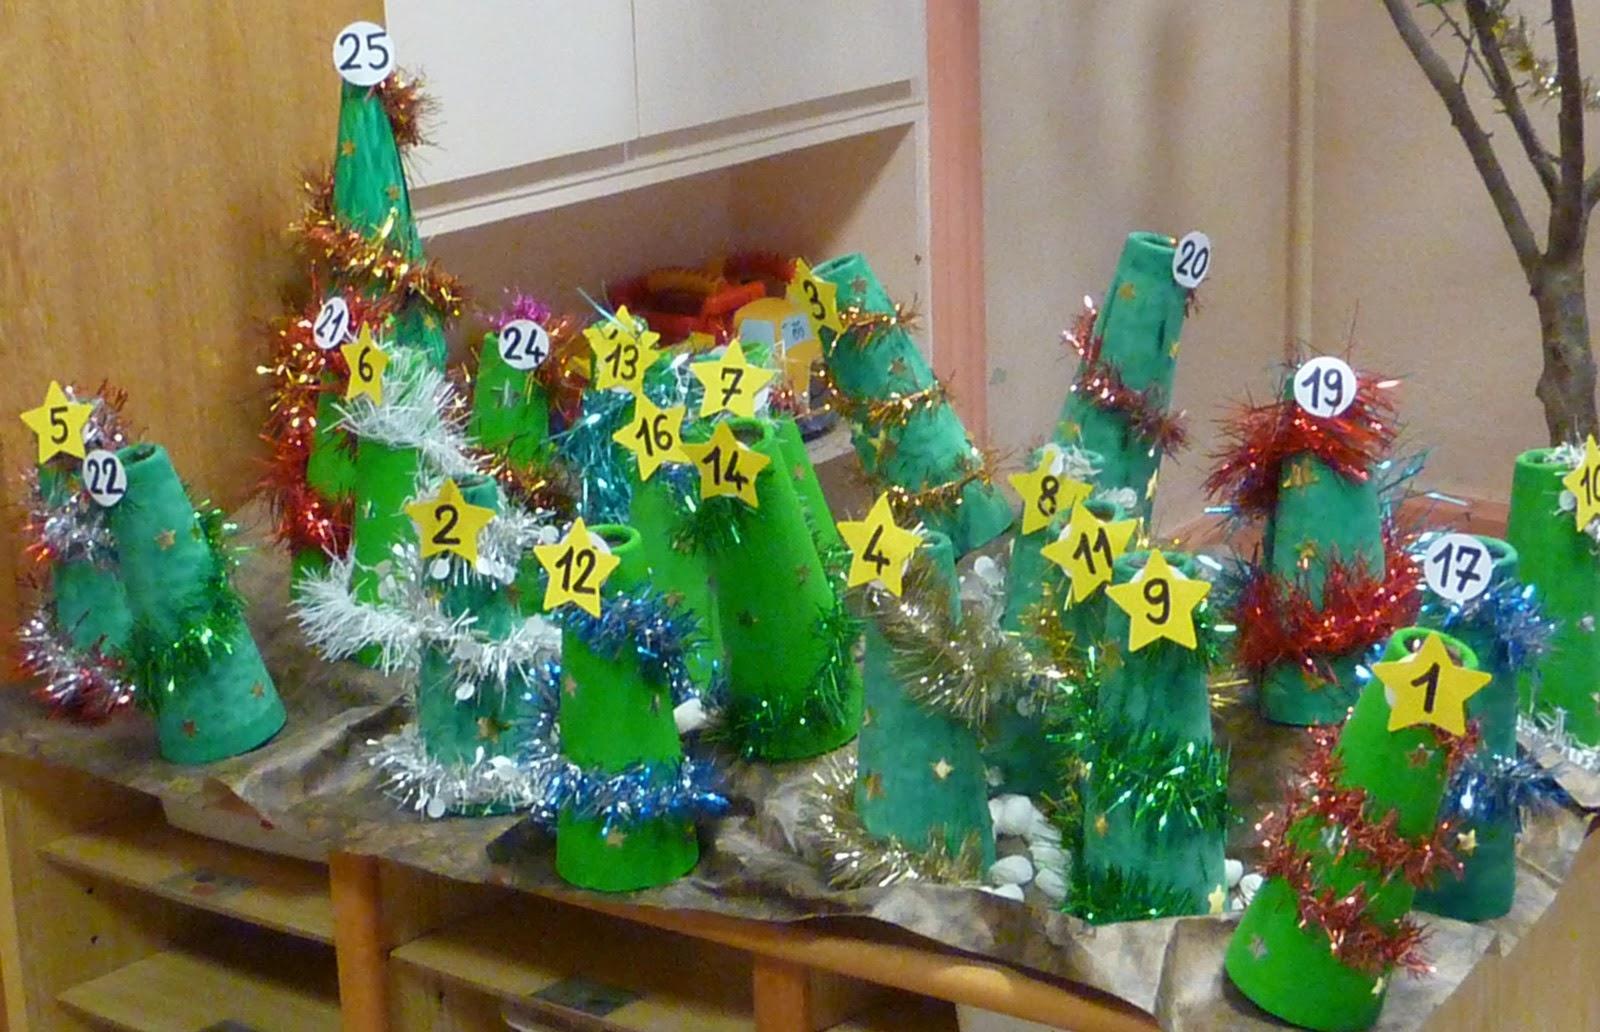 #A4A327 Ecole Ste Marie: Les TPS PS MS Préparent Noël 6075 décoration de noel tps/ps 1600x1032 px @ aertt.com